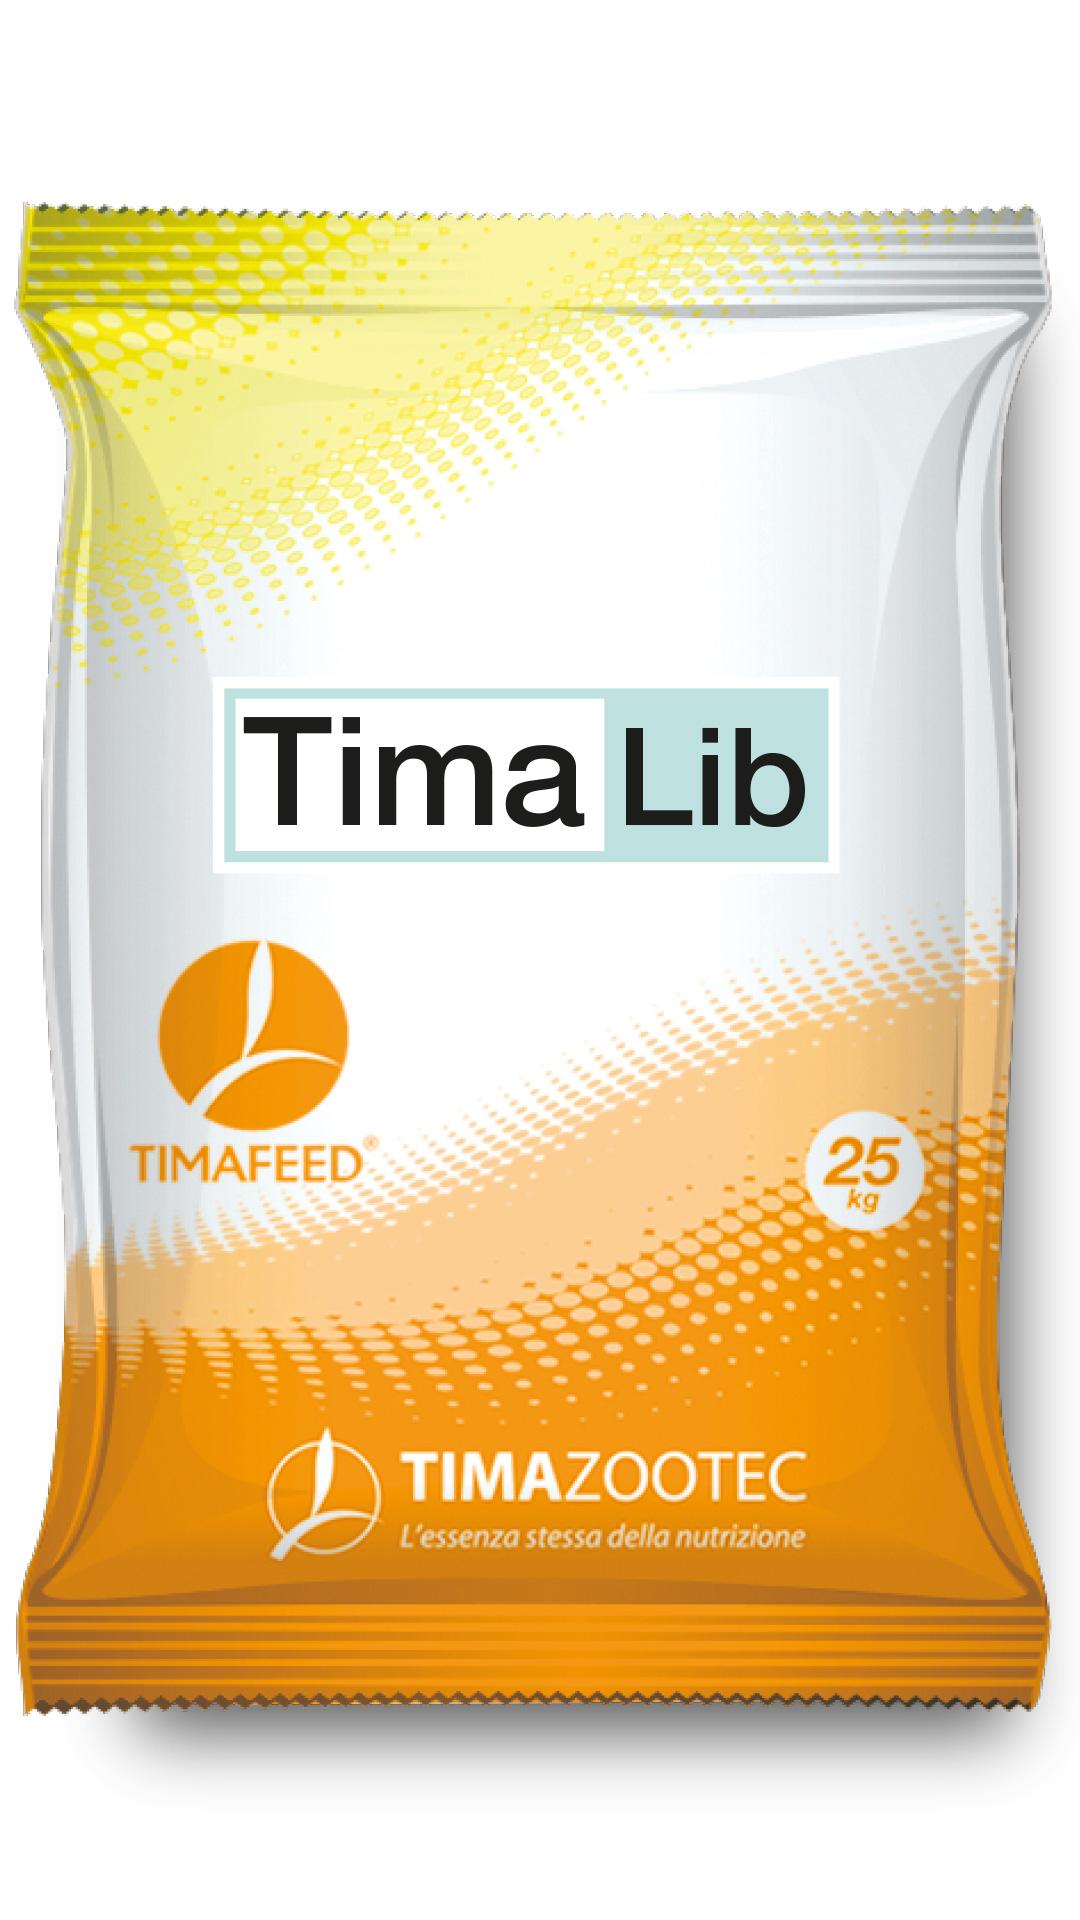 TIMALIB